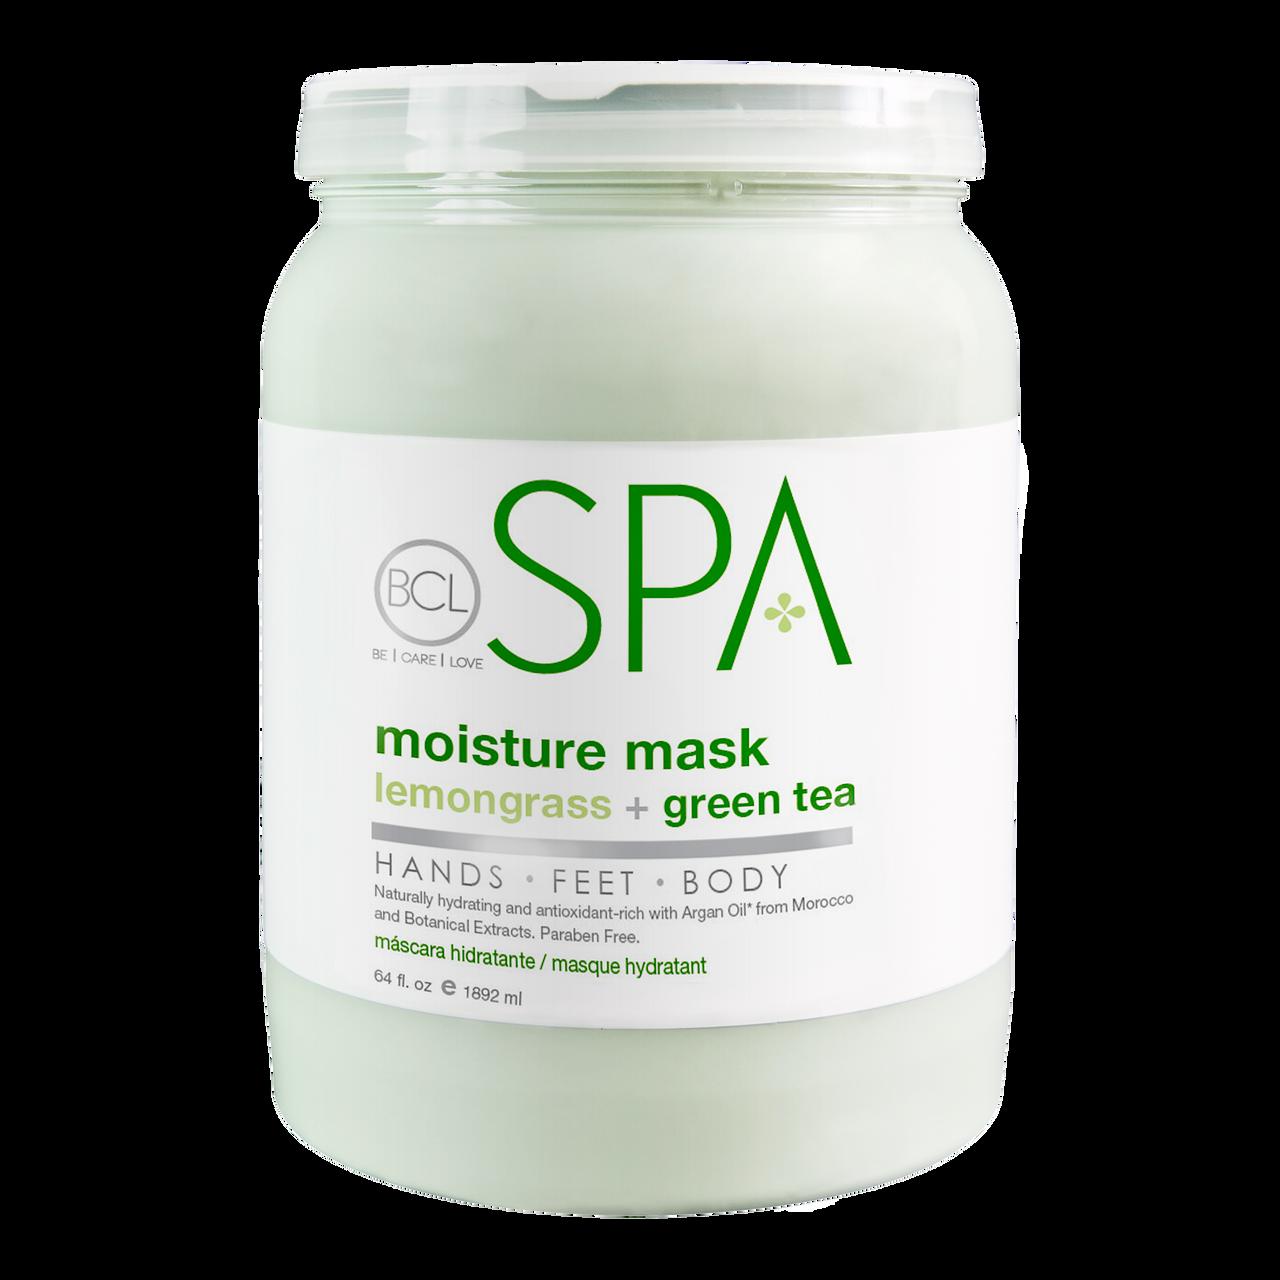 BCL SPA 64 oz. Moisture Mask Lemongrass + Green Tea